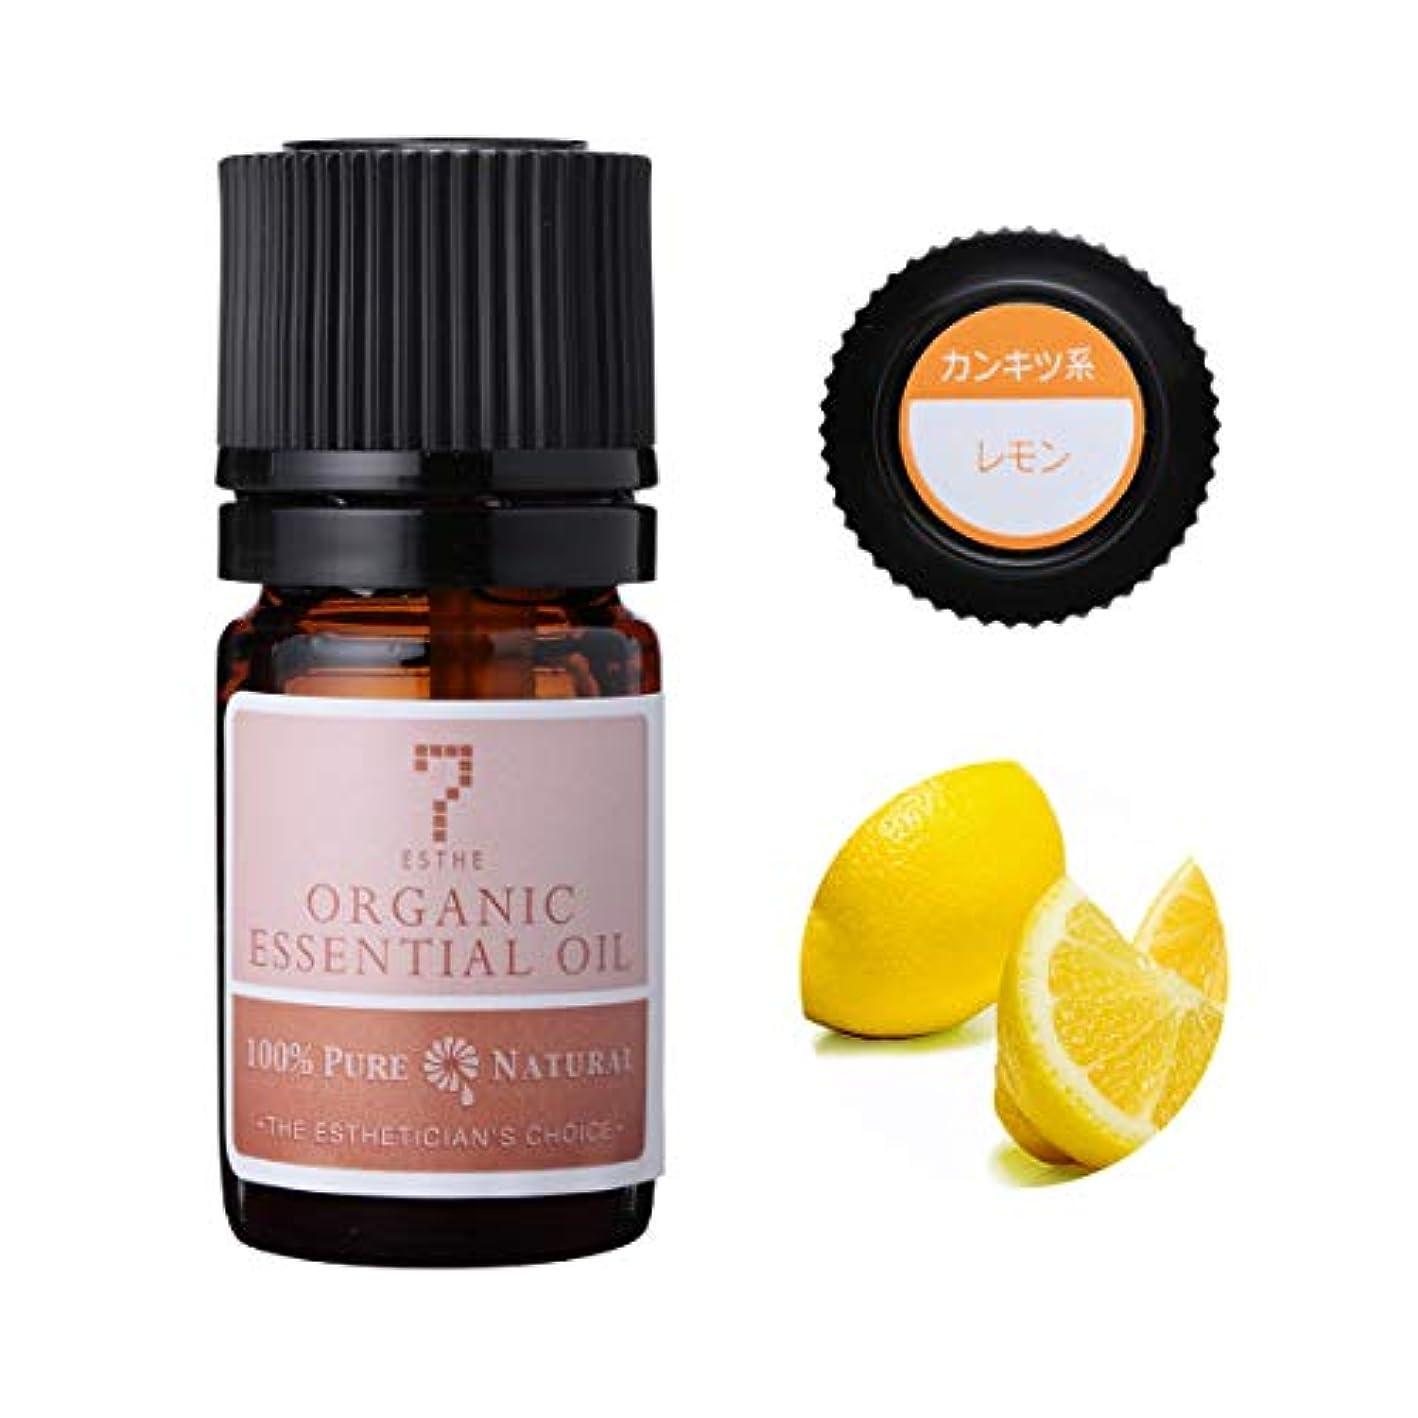 タイプ暖かく操作7エステ エッセンシャルオイル オーガニックレモン 3ml アロマオイル 精油